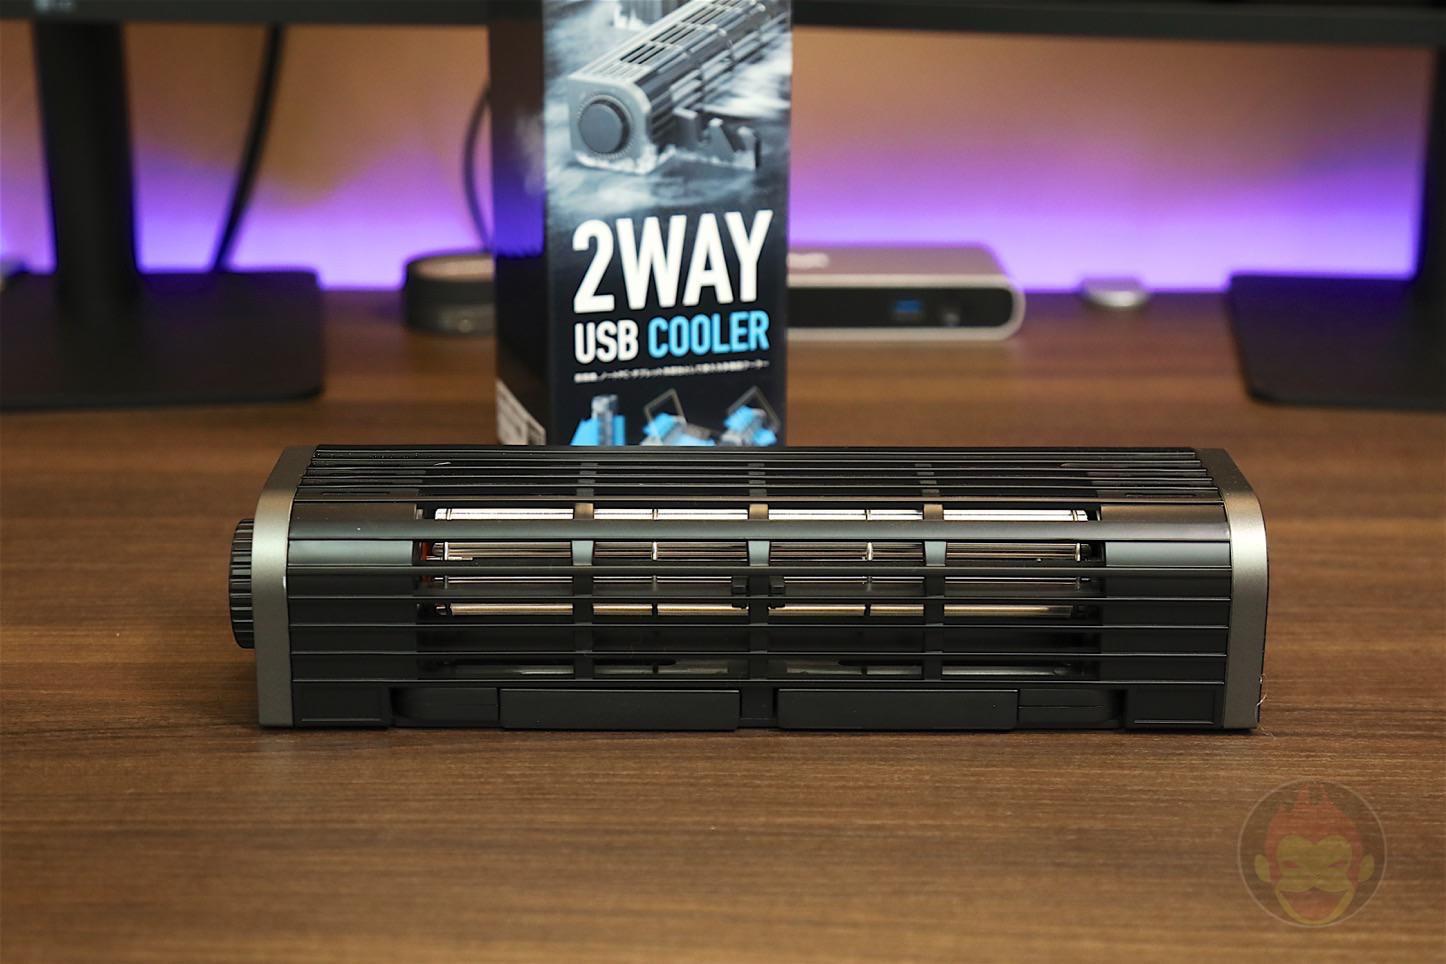 USB扇風機 2WAY USB COOLER ブラック FAN-U177BK